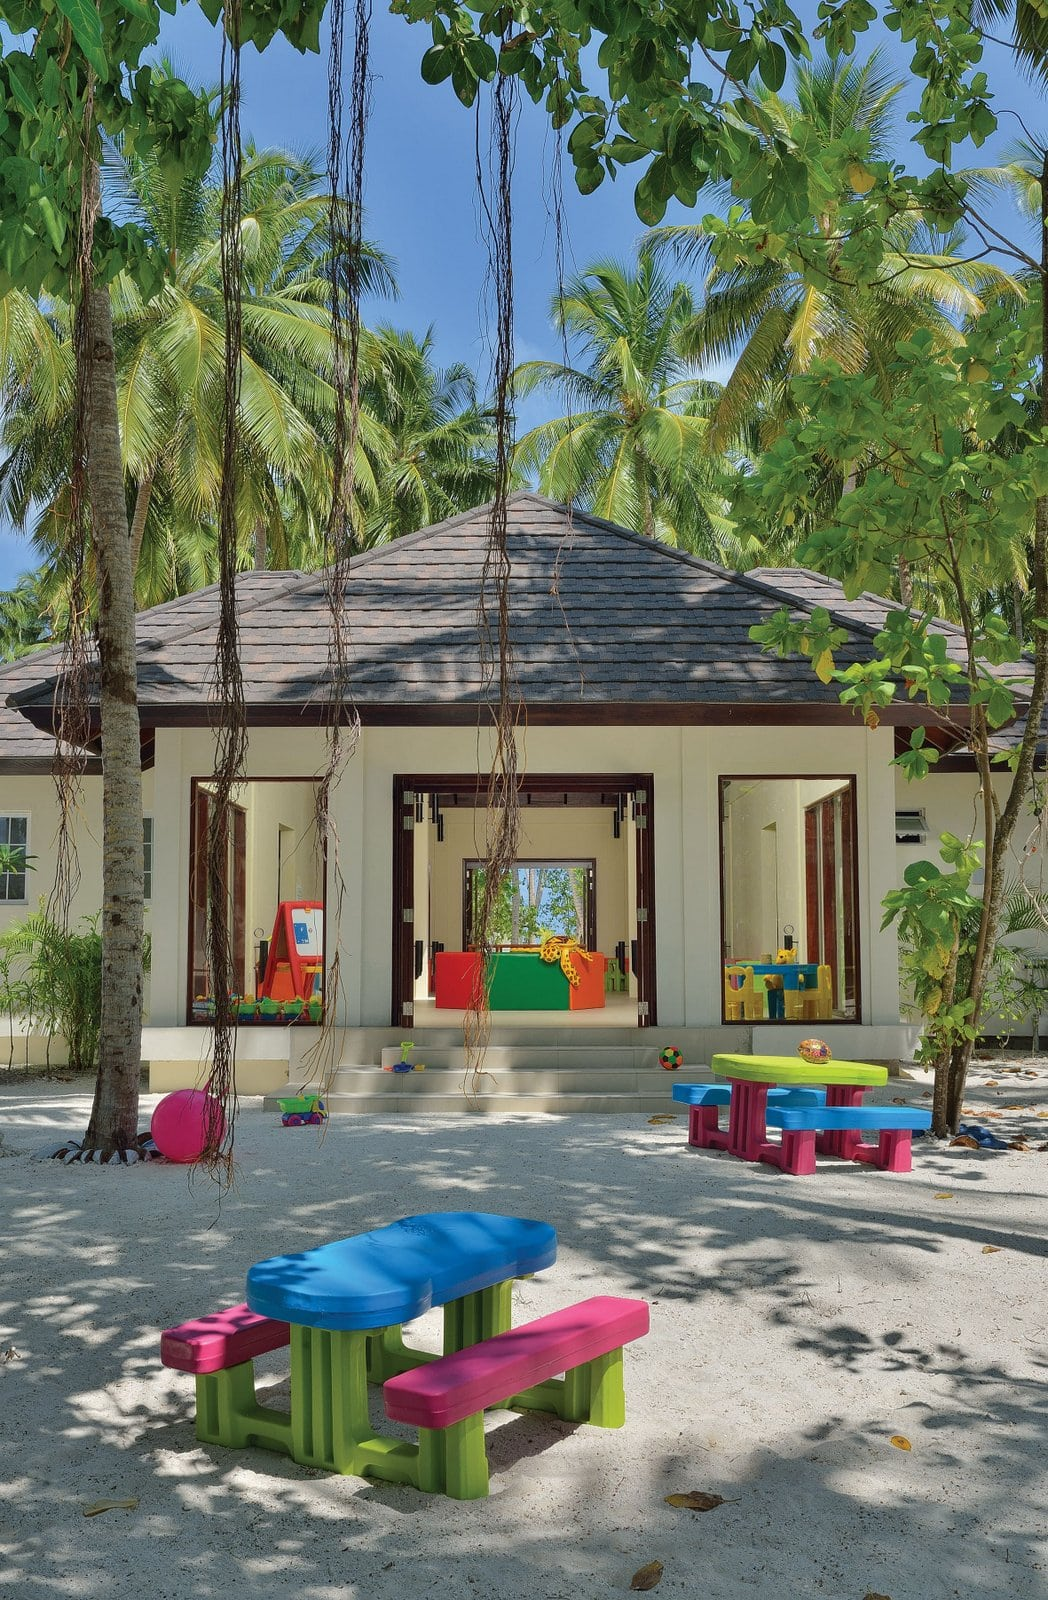 Мальдивы, отель Atmosphere Kanifushi Maldives, детский клуб